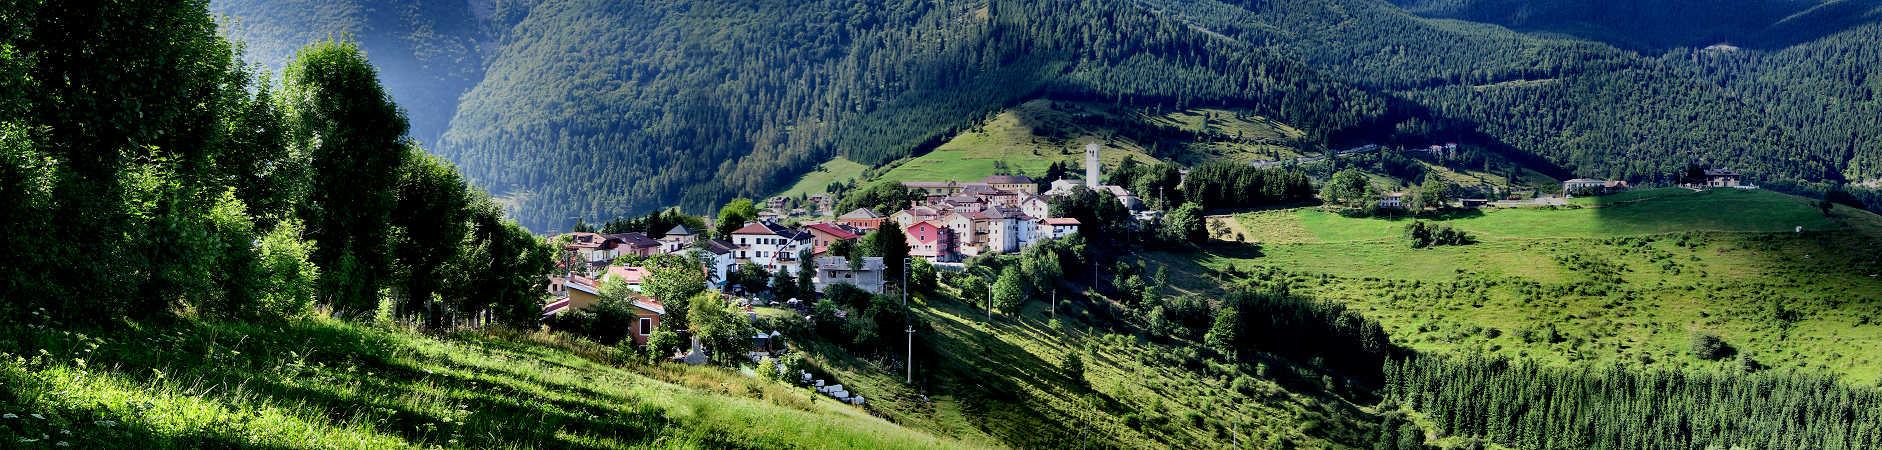 panoramica sul paese di foza   m 1000   altopiano di asiago sette